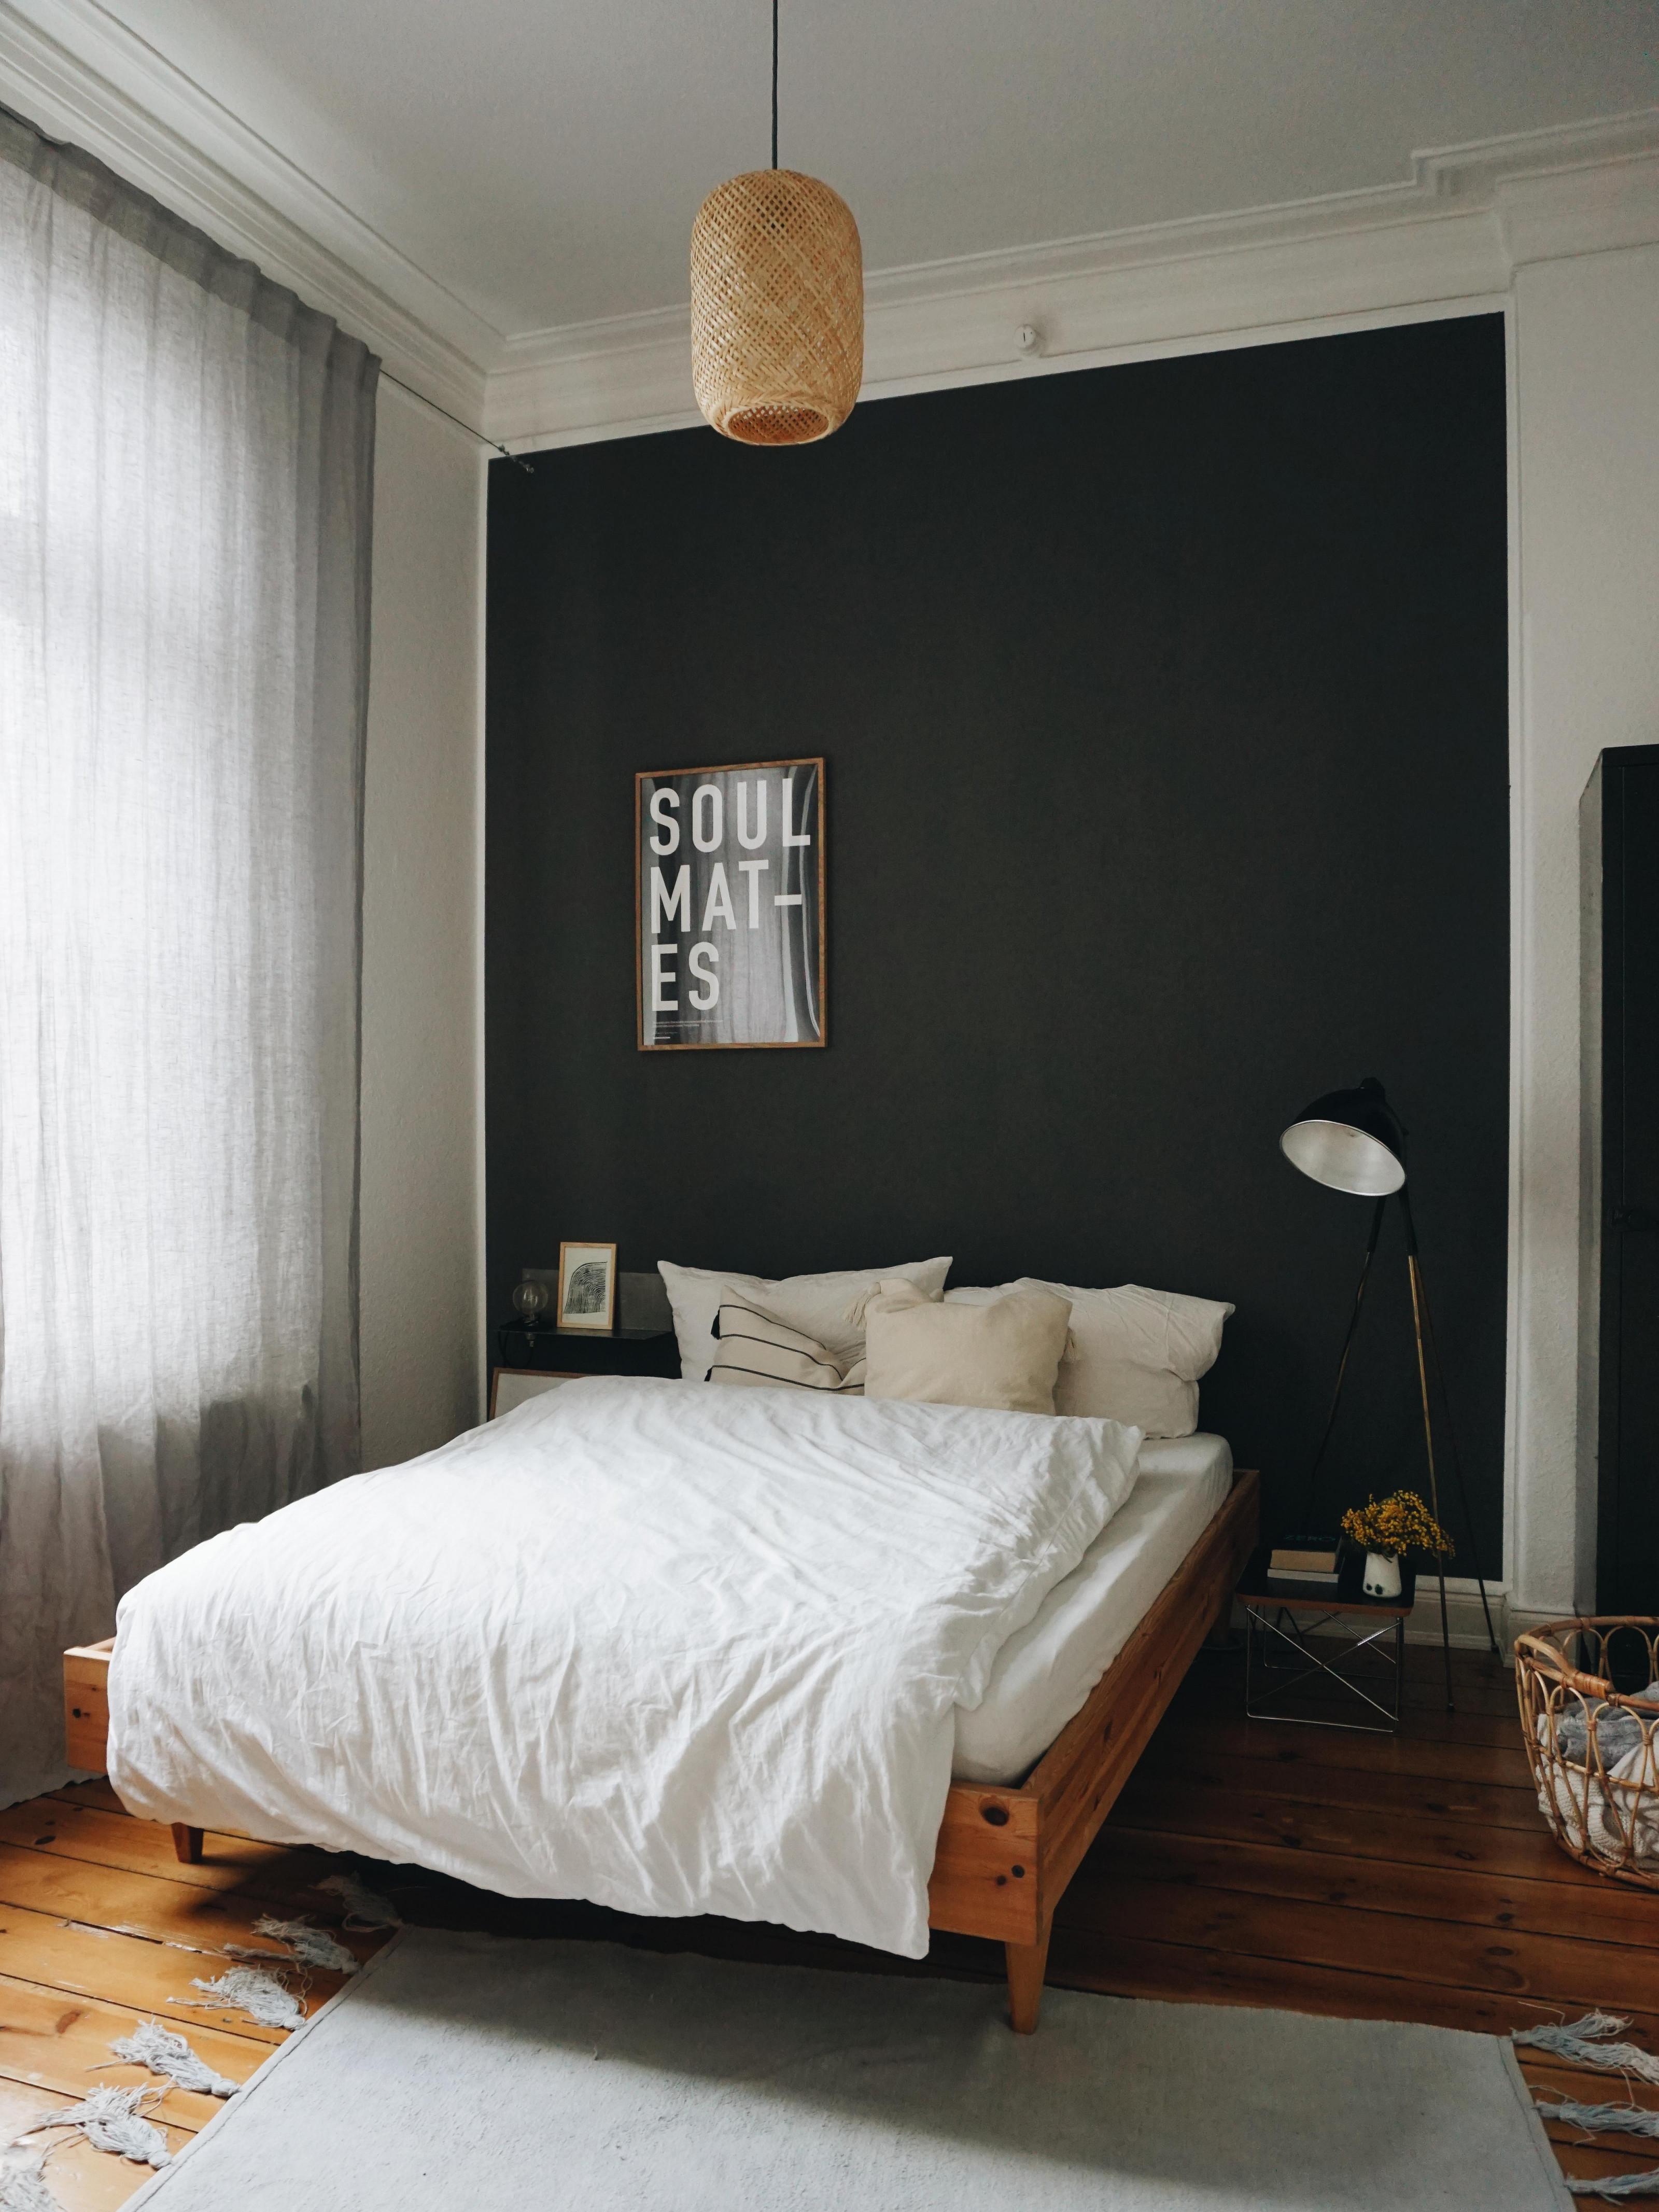 Schoner Wohnen Schlafzimmer Ideen – Caseconrad von Schöner Wohnen Ideen Wohnzimmer Bild